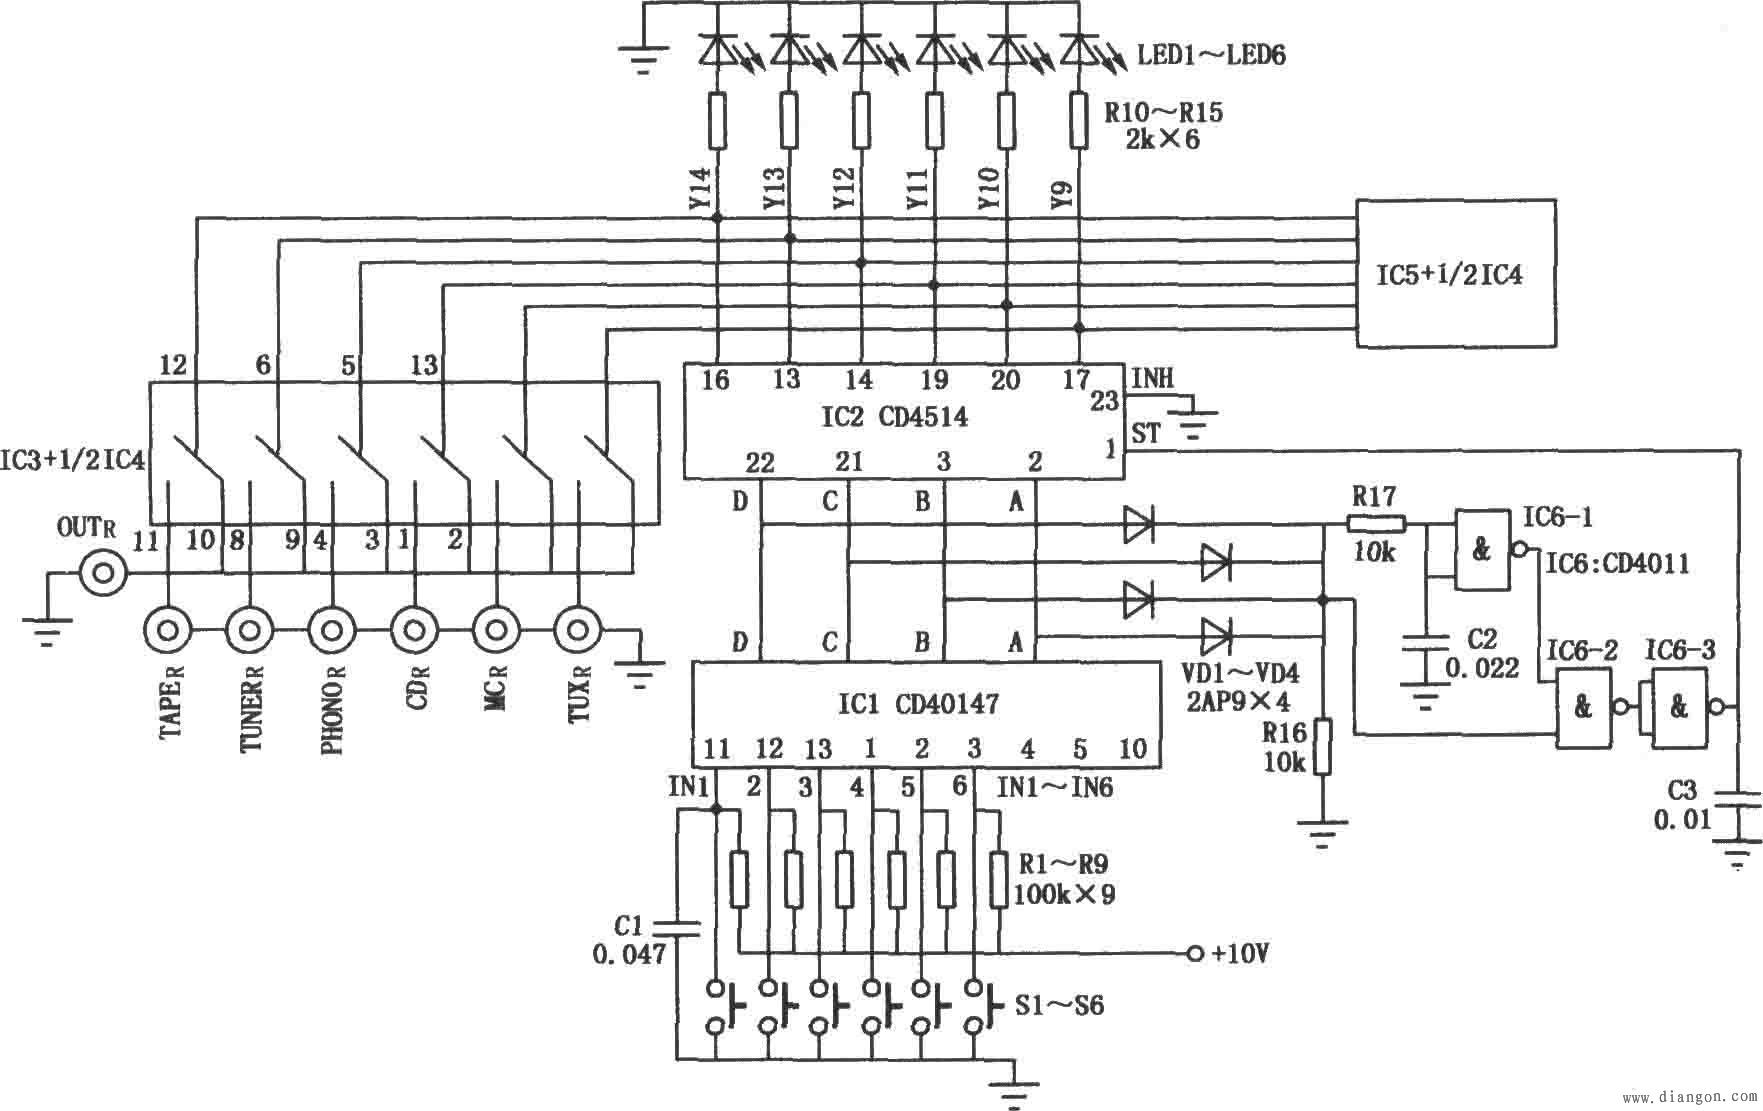 双电源自动转换开关的零线有以下几种接法:  四极双电源自动转换开关,零(N)线单独分开,各自接常用电网和备用电网的零(N)线。  三极双电源自动转换开关的零线有二种接法:一种是常用电源和备用电源的零(N)线单独分开。另一种是常用电源和备用电源的零线接在一起连通。当常用电源和备用电源的零线连通在一起时,常用电源的线路或备用电源的线路,不能在双电源自动转换开关的上一级装设剩余电流动作断路器,否则在双电源自动转换开关进行转换的时候,剩余电流动作断路器会自动跳闸。 对高感抗负载转换控制应注意的问题 ATSE一般